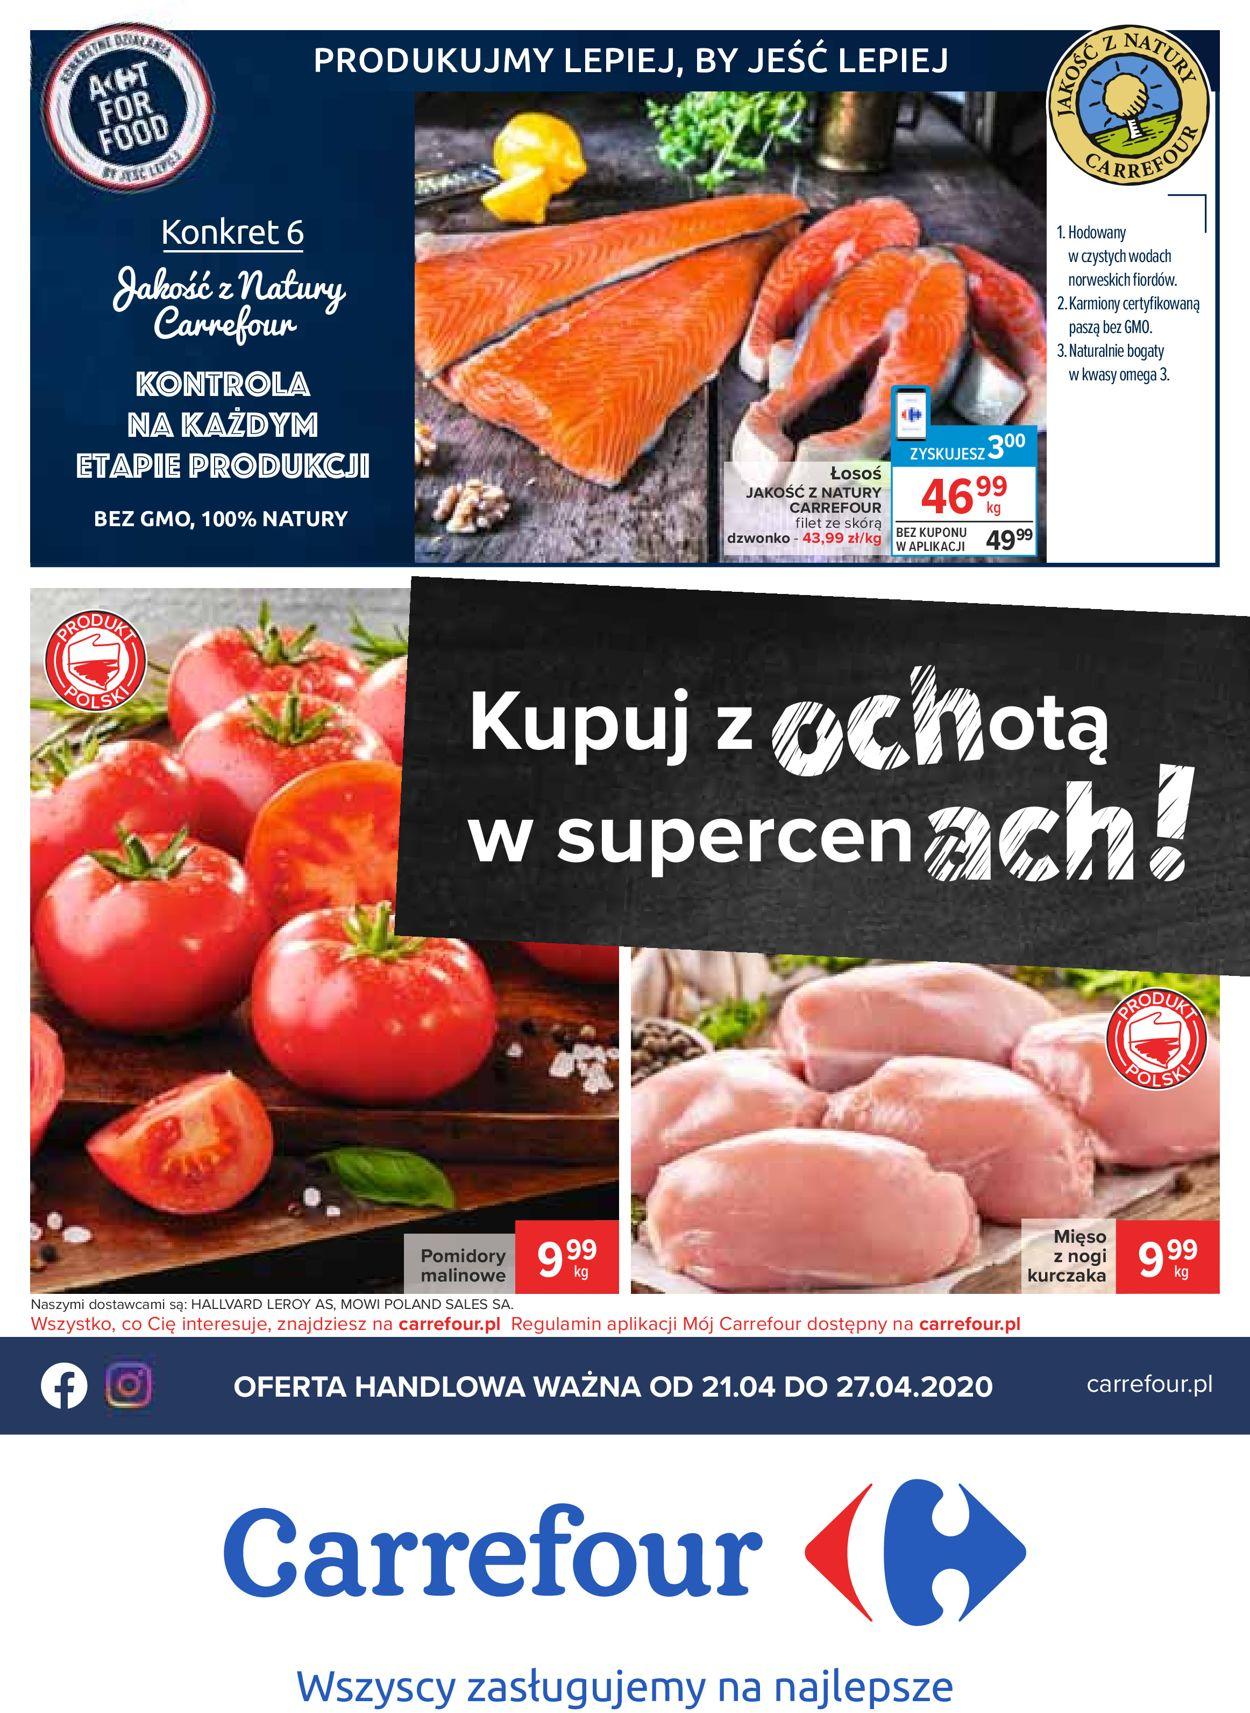 Gazetka promocyjna Carrefour - 21.04-27.04.2020